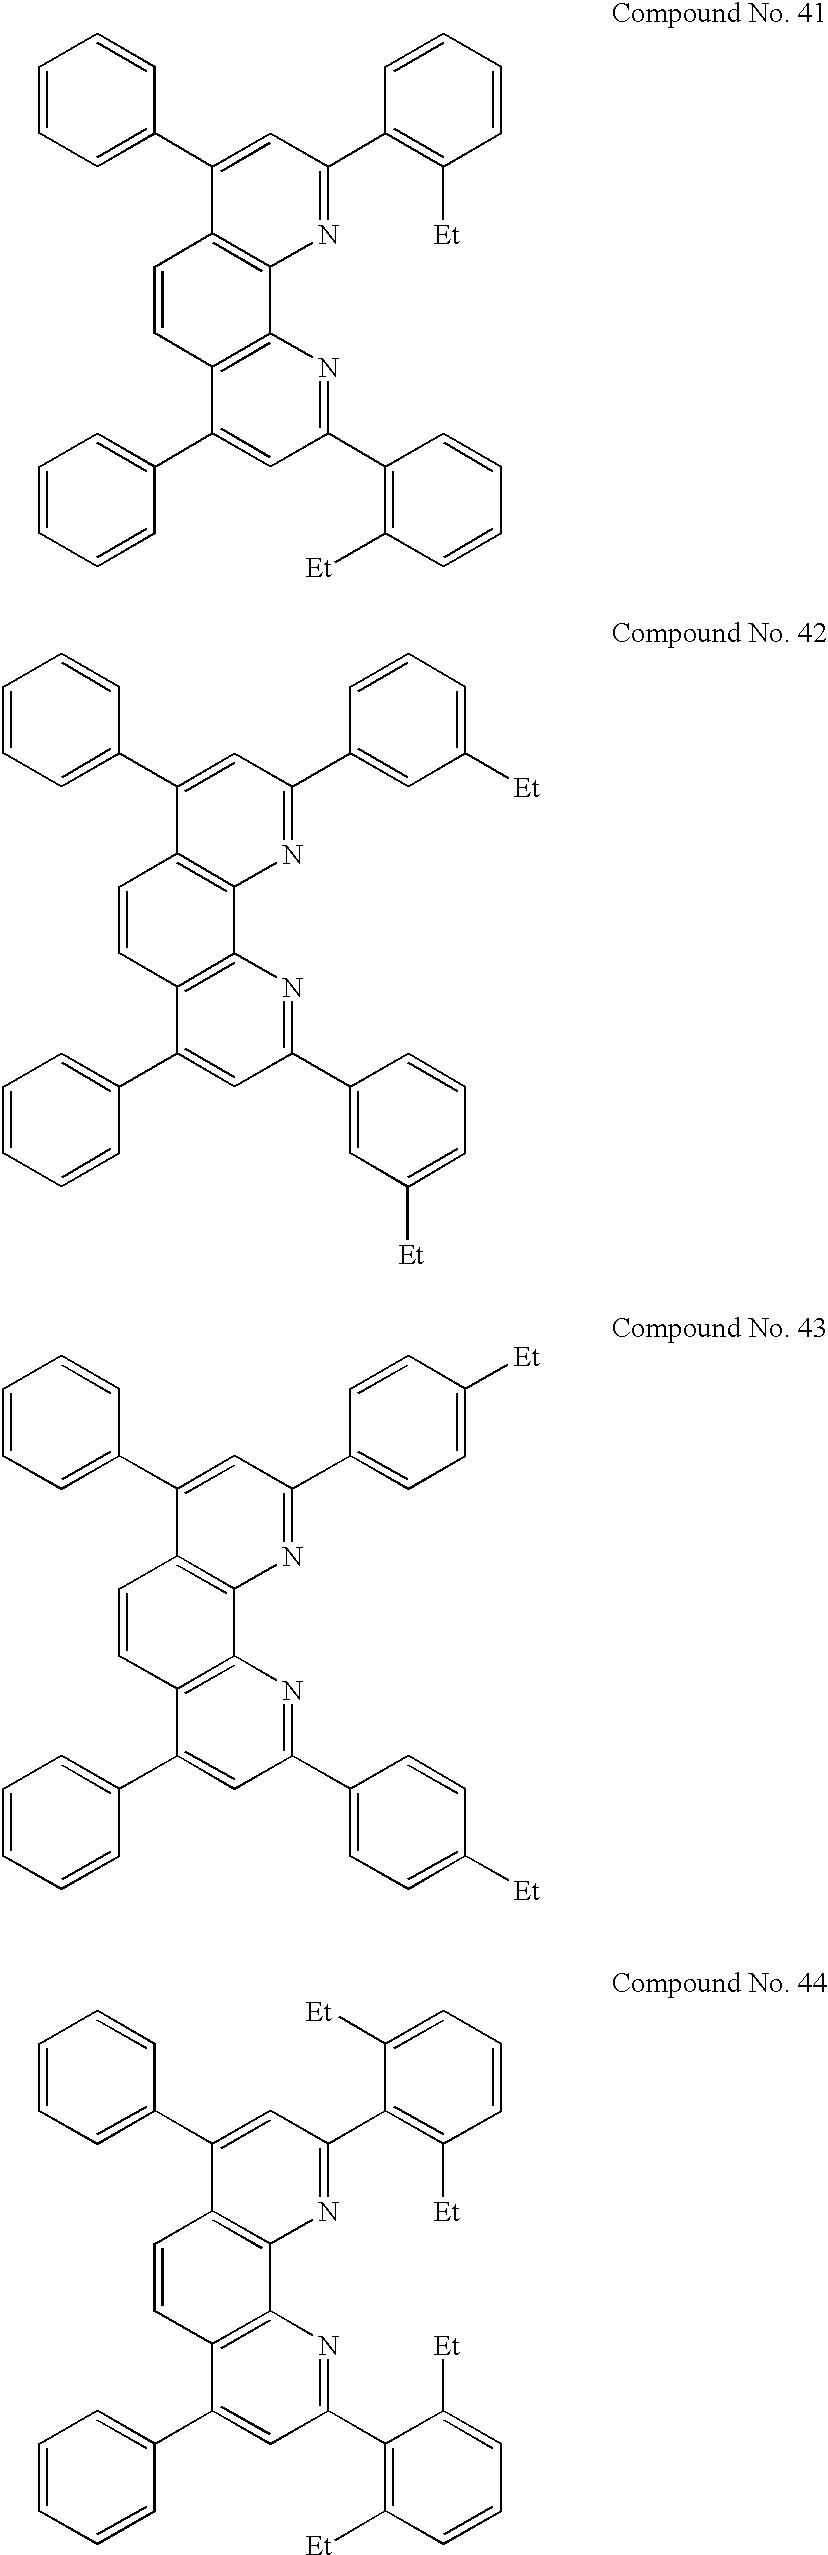 Figure US06524728-20030225-C00013